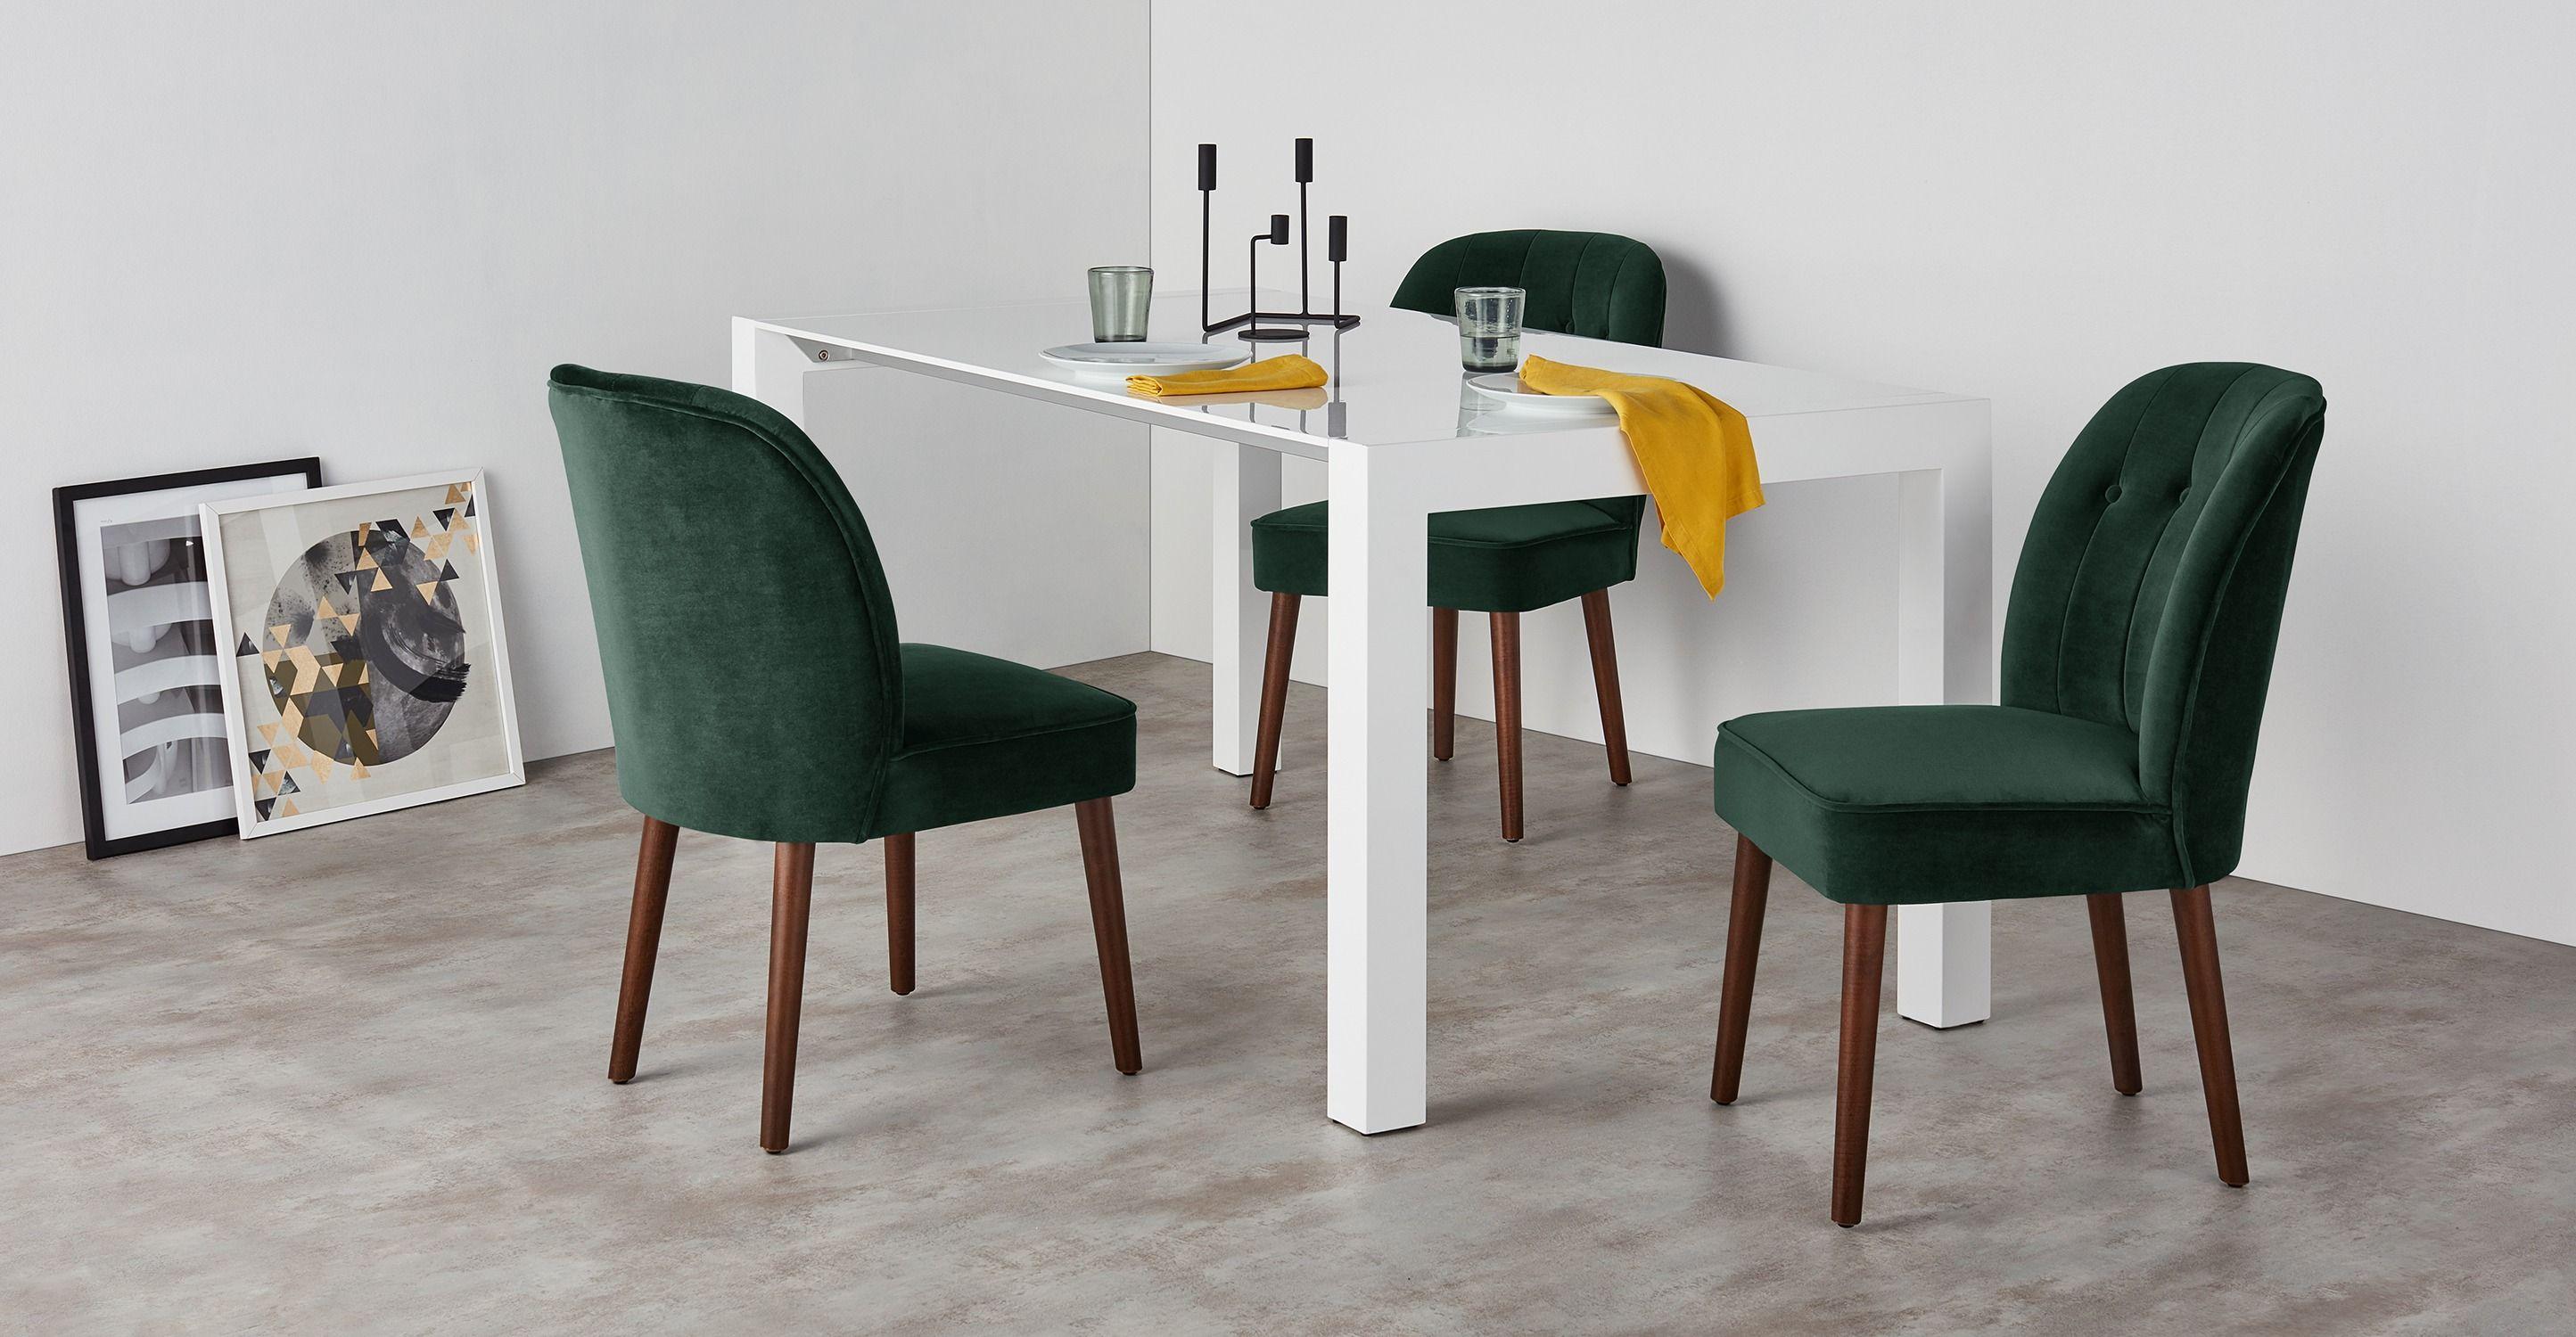 delightful coole dekoration esszimmer stuhl sitzbezuege 2 #4: 2 x Margot Polsterstühle, Samt in Tannengrün | made.com